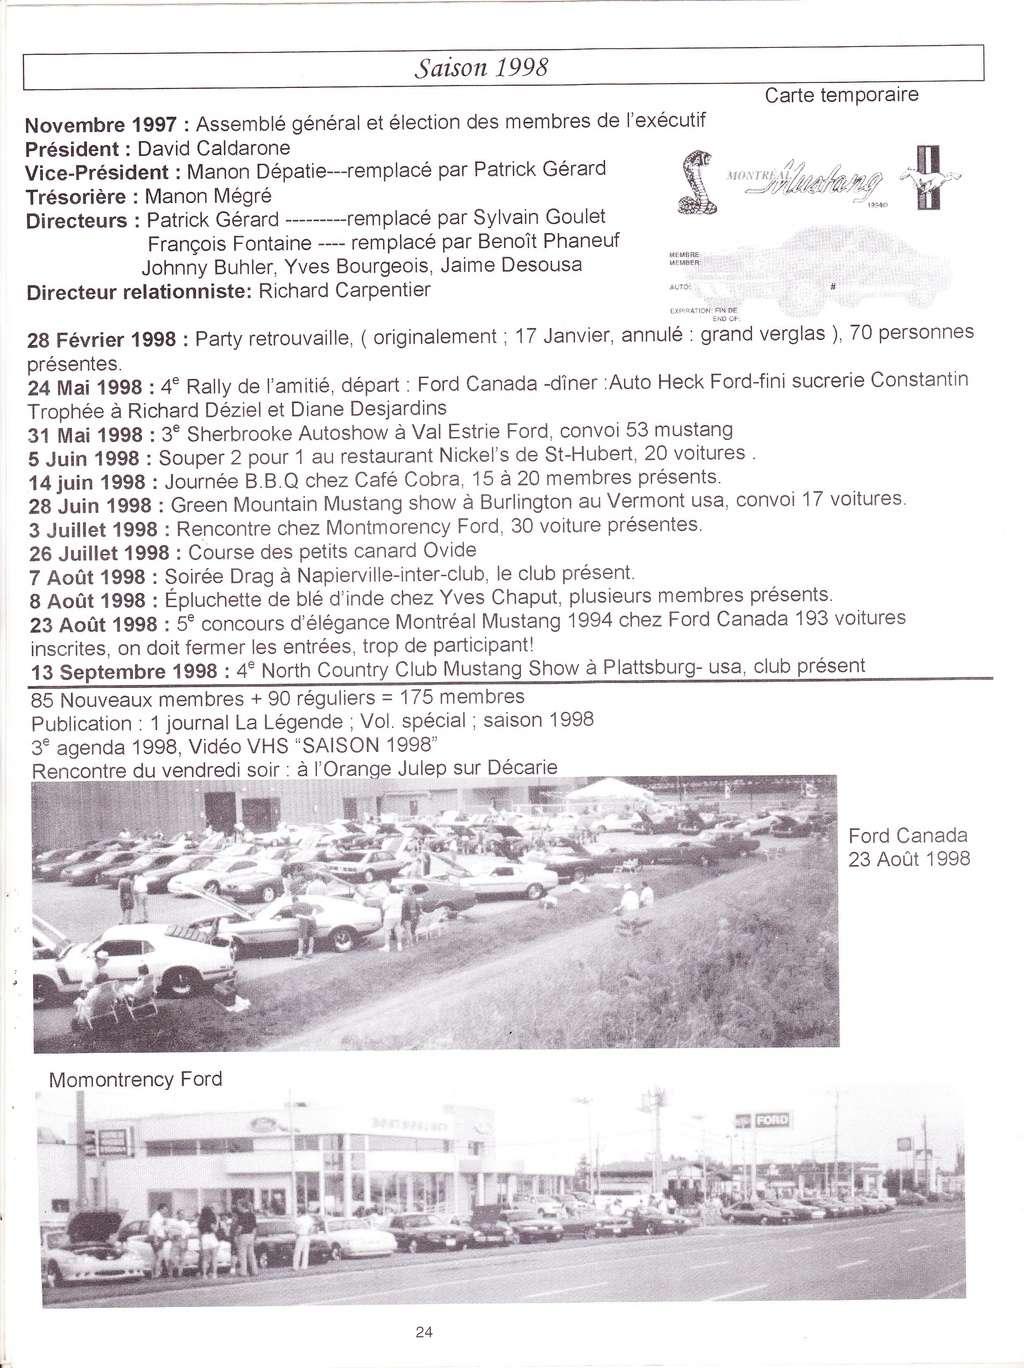 Montréal Mustang dans le temps! 1981 à aujourd'hui (Histoire en photos) La_lyg62